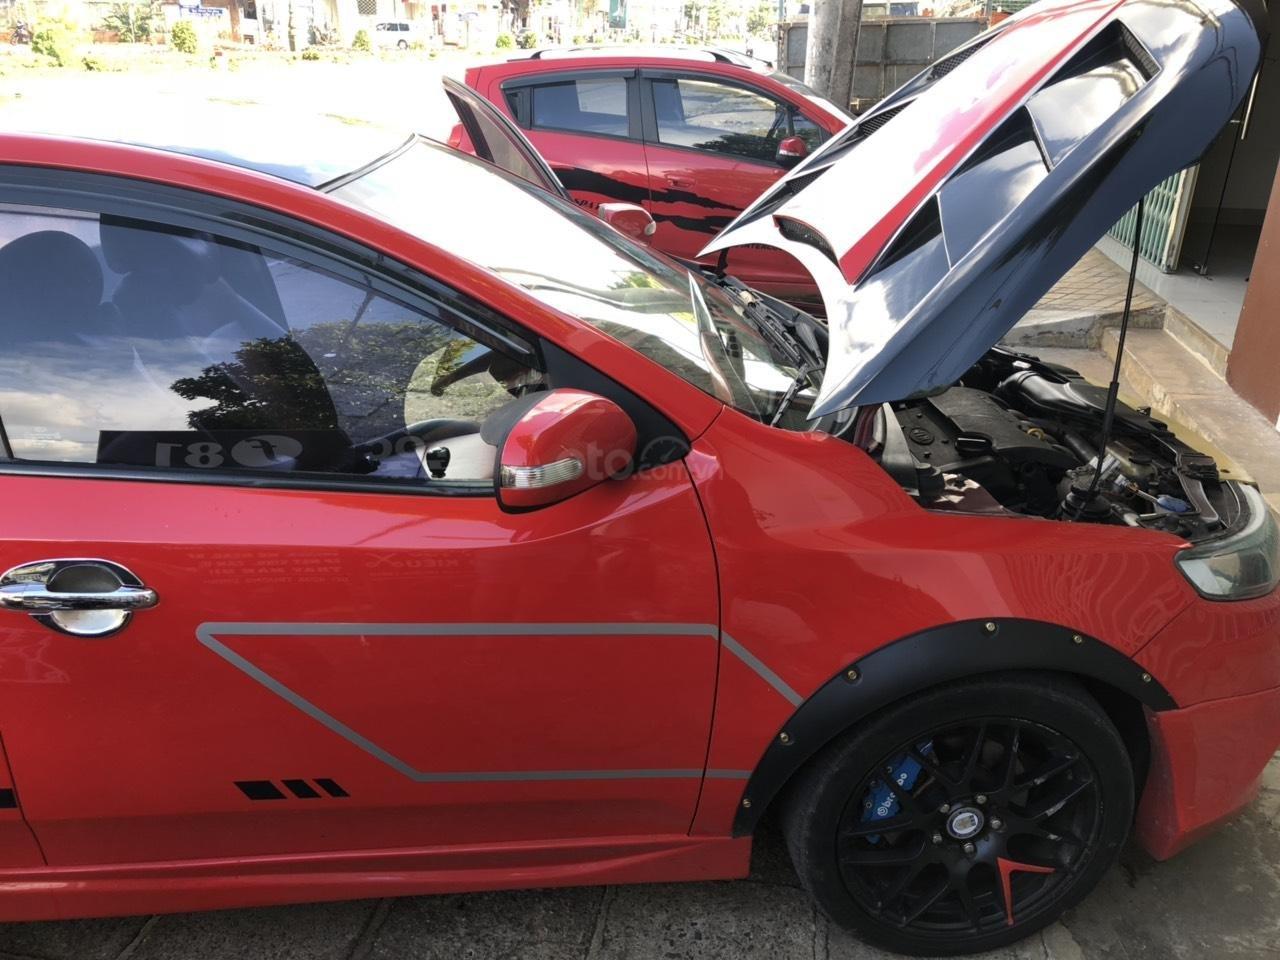 Cần bán Kia Forte sx 2010, xe full đồ chơi tầm 80tr, xe mình đi nên giữ gìn kĩ, xem xe thích ngay, LH: 0988644446 (5)